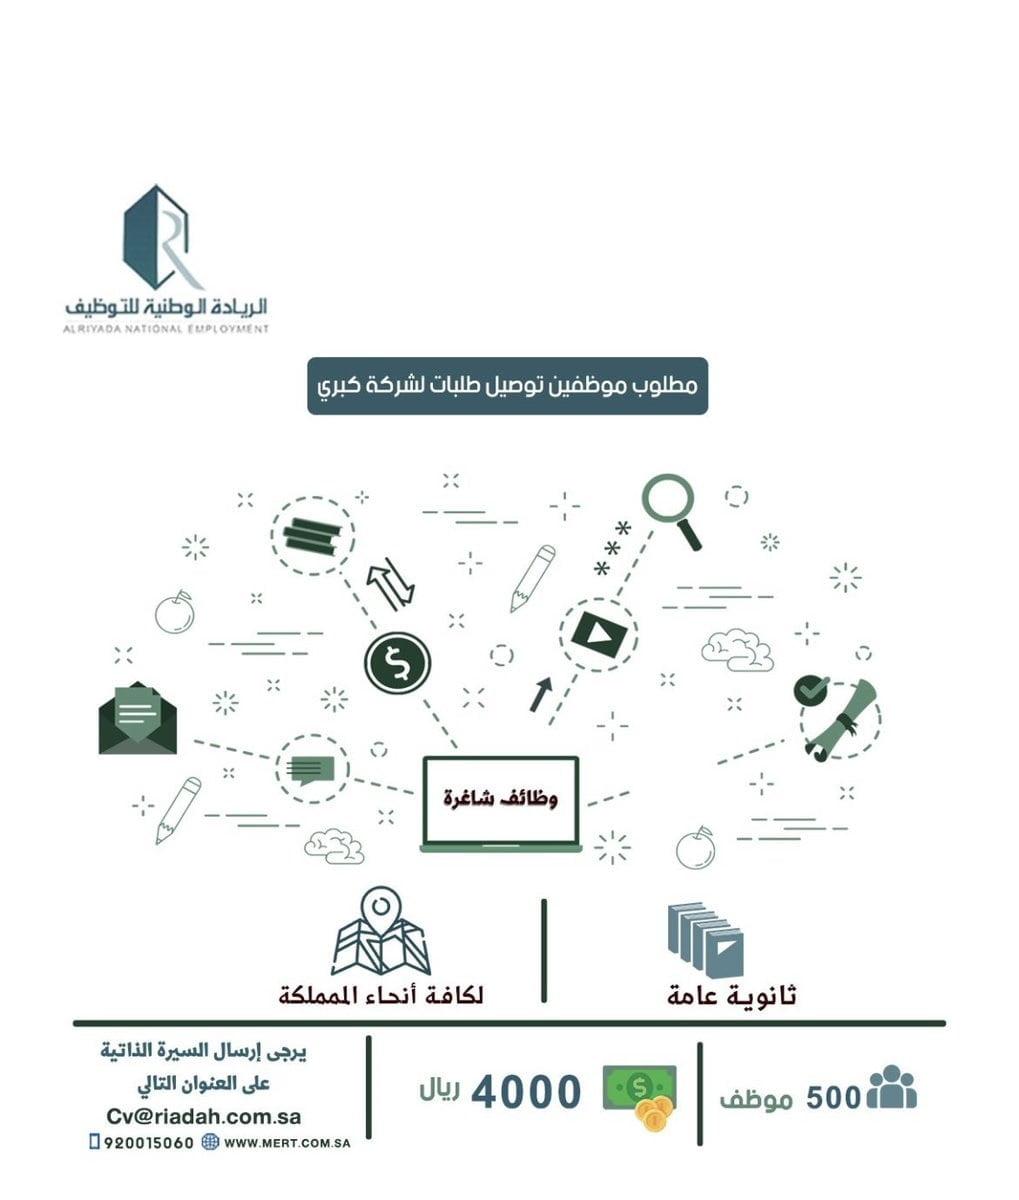 500 وظيفة شاغرة لحملة الثانوية في مختلف مناطق المملكة لدى الريادة الوطنية للتوظيف 3